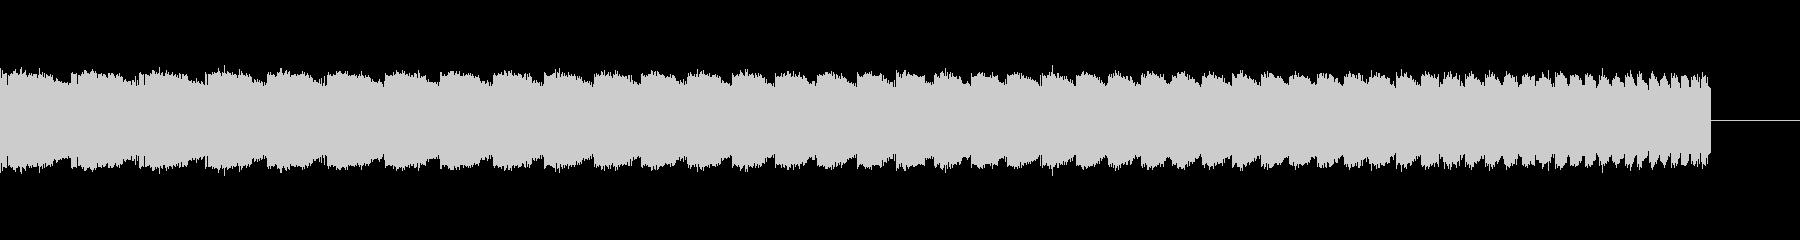 パチンコ的煽り音02(上がる、上昇)の未再生の波形